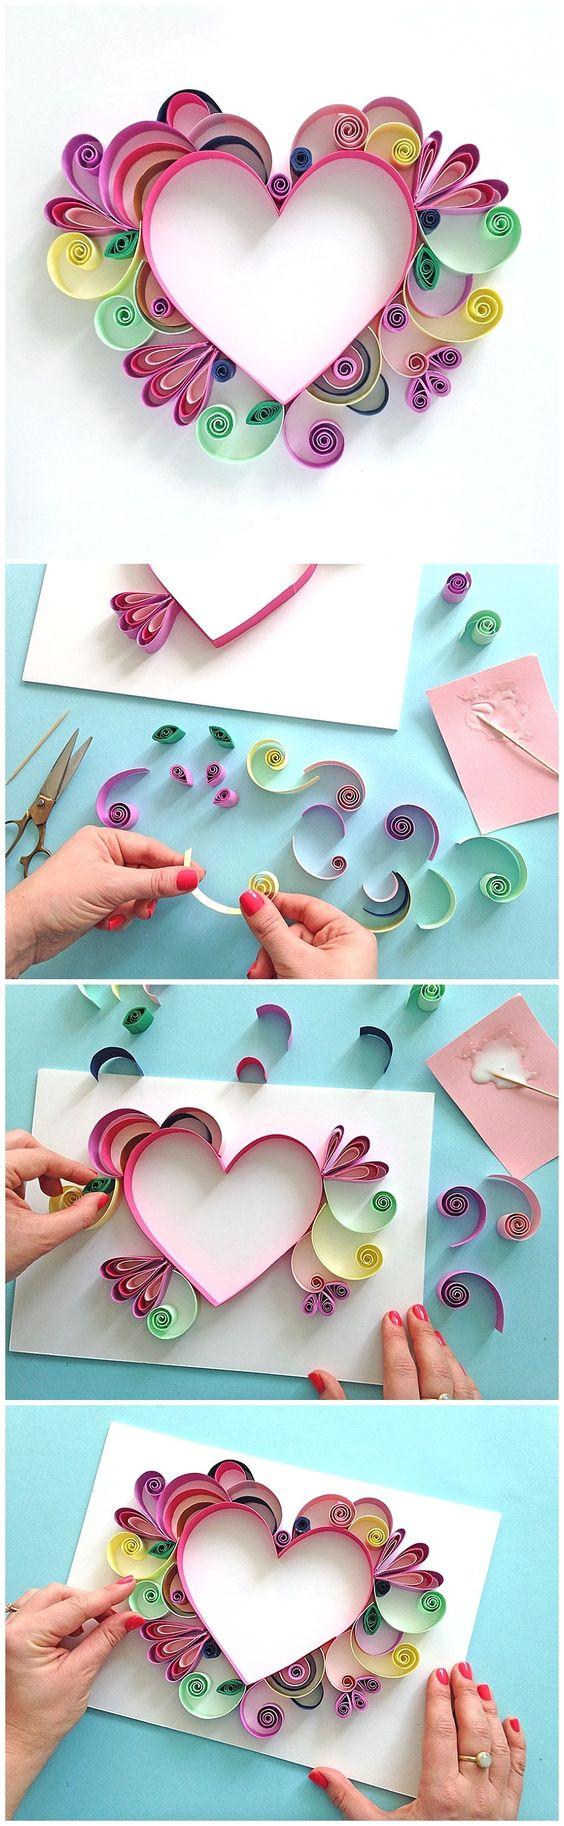 idée comemnt faire une carte de voeux diy en forme de coeur, motif floraux en papier, activité manuelle maternelle primaire, bricolage enfant